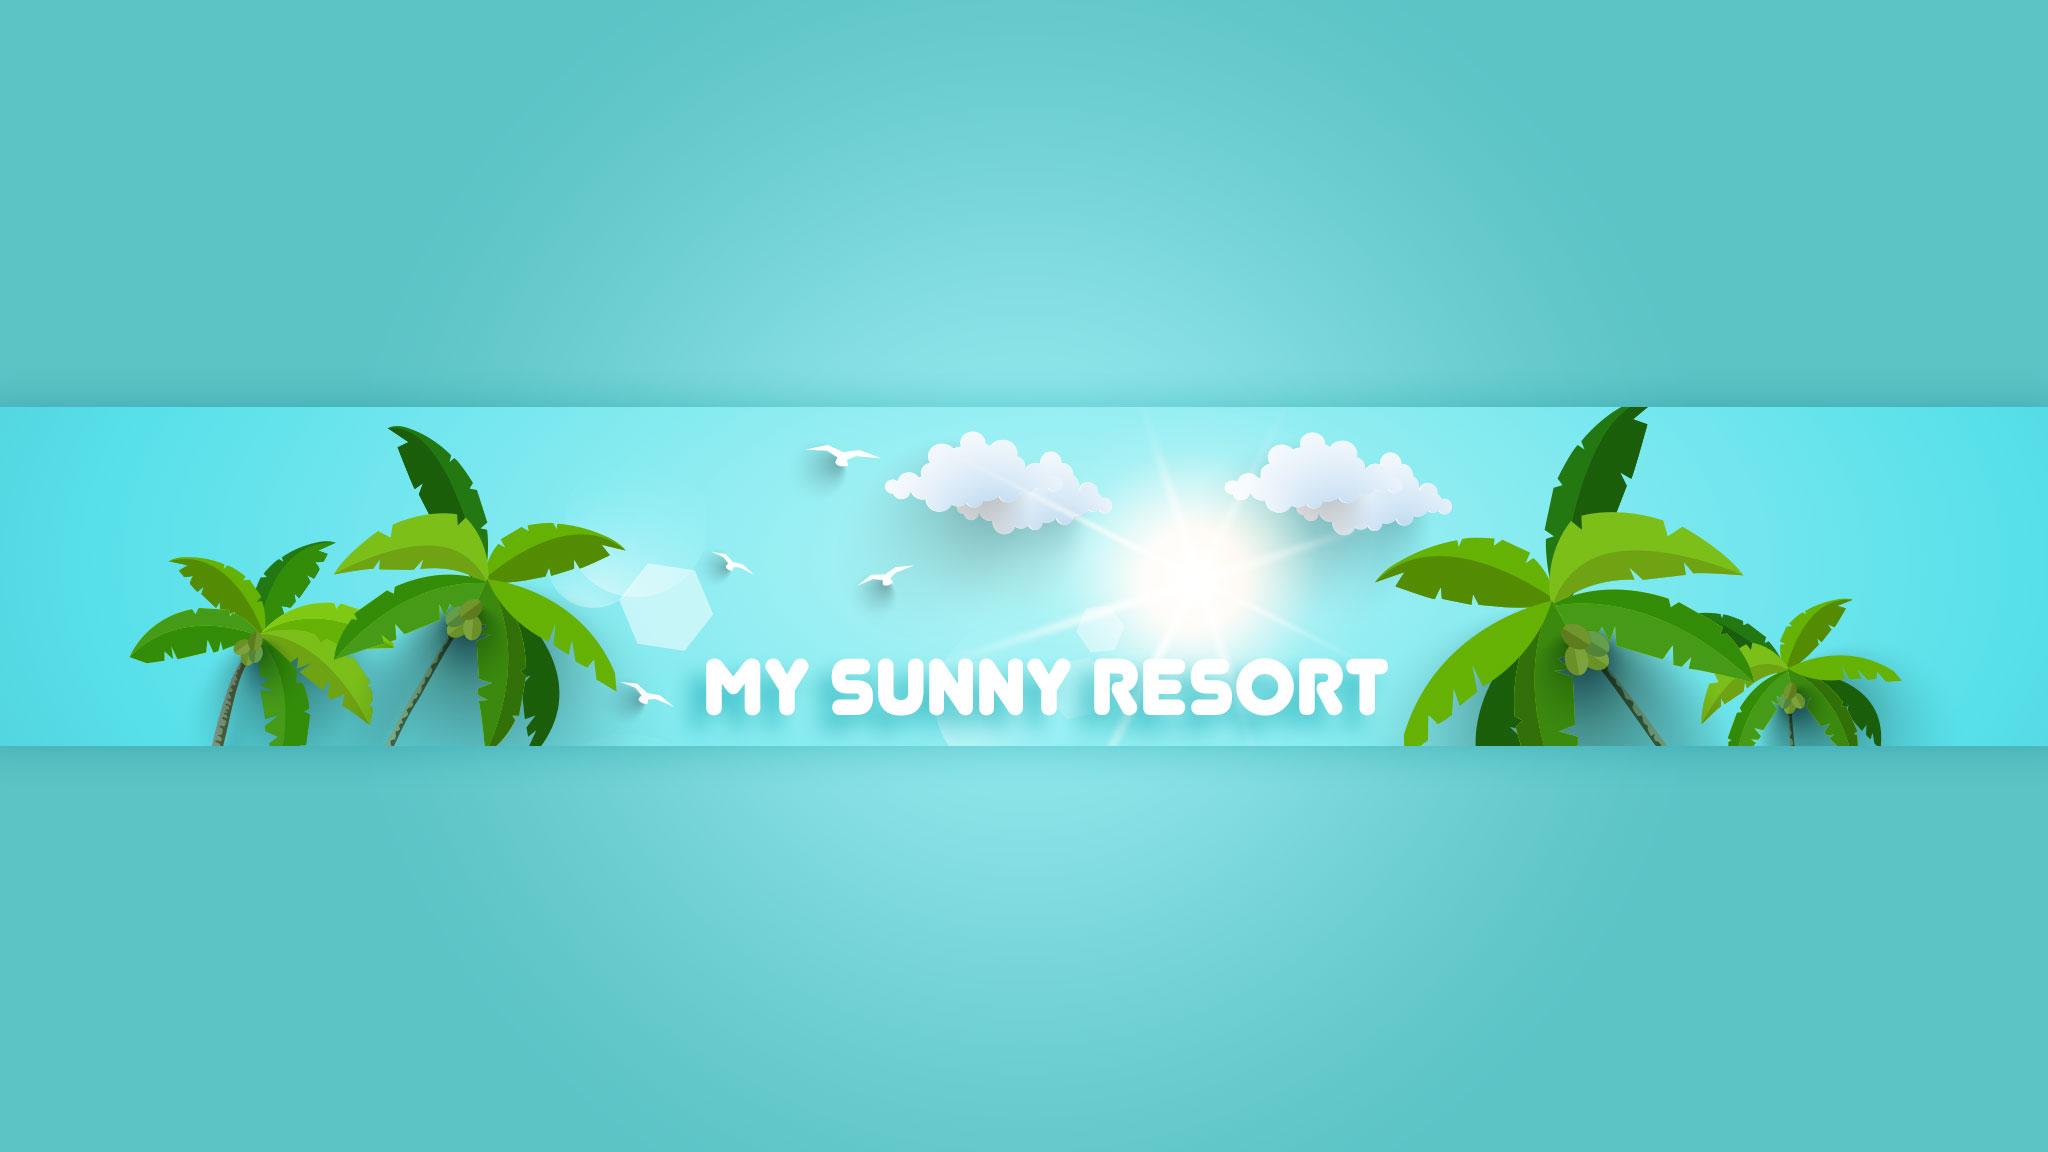 Картинка зелёного цвета с текстом: banner youtube 2048x1152 по игре My Sunny Resort с пальмами и облачным небом.